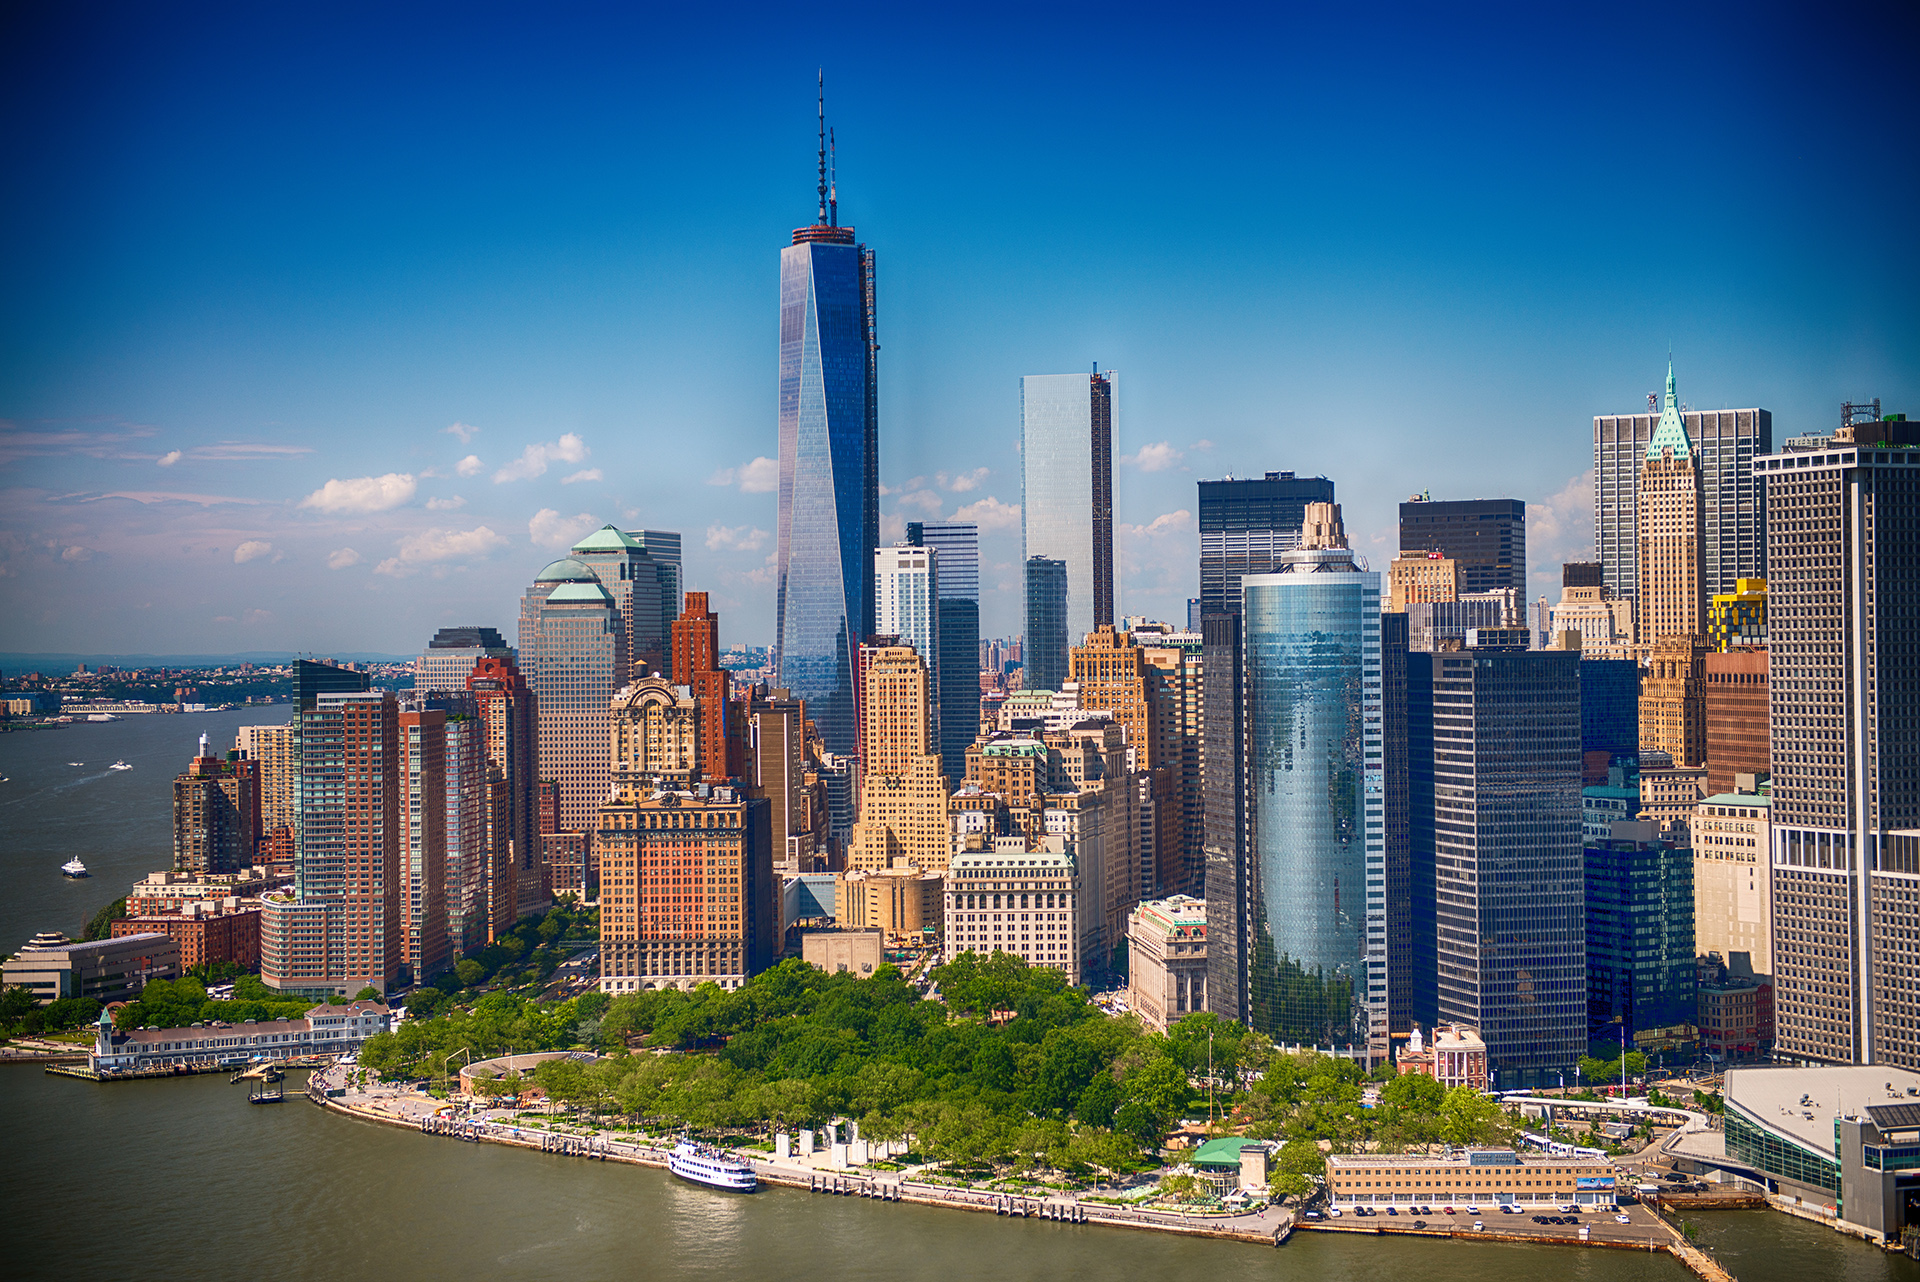 """Llamada """"la ciudad que nunca duerme"""", tiene como gran referencia al Times Square, los edificios """"One World Observatory"""", """"Rockefeller Center"""" y """"Top of The Rock"""" siendo los tres observatorios más altos para disfrutar de las mejores vistas de la ciudad de Nueva York. Otro de los puntos característicos de la ciudad es la Estatua de la Libertad en Liberty Island"""